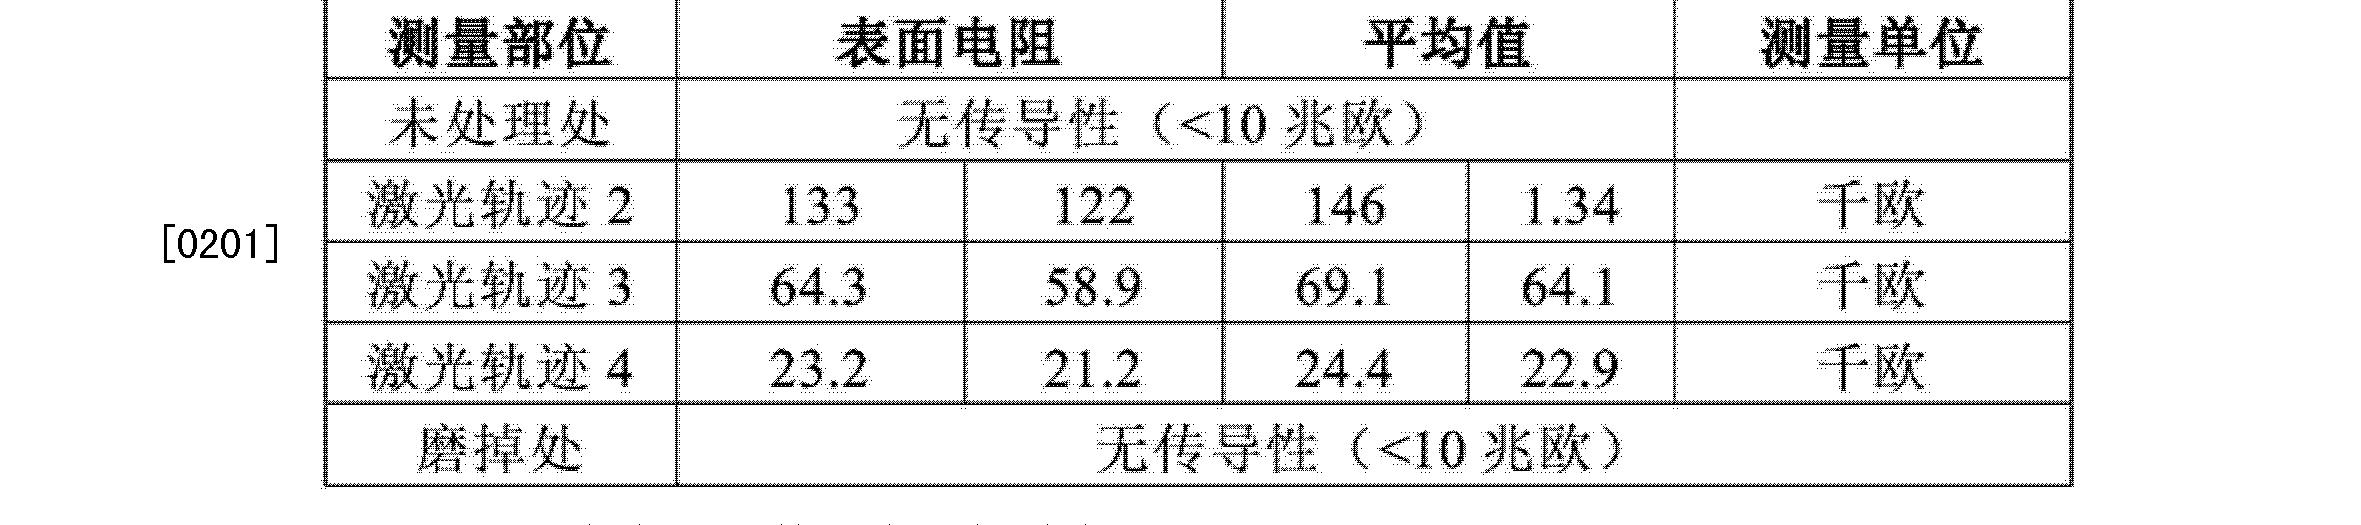 Figure CN102171770BD00271